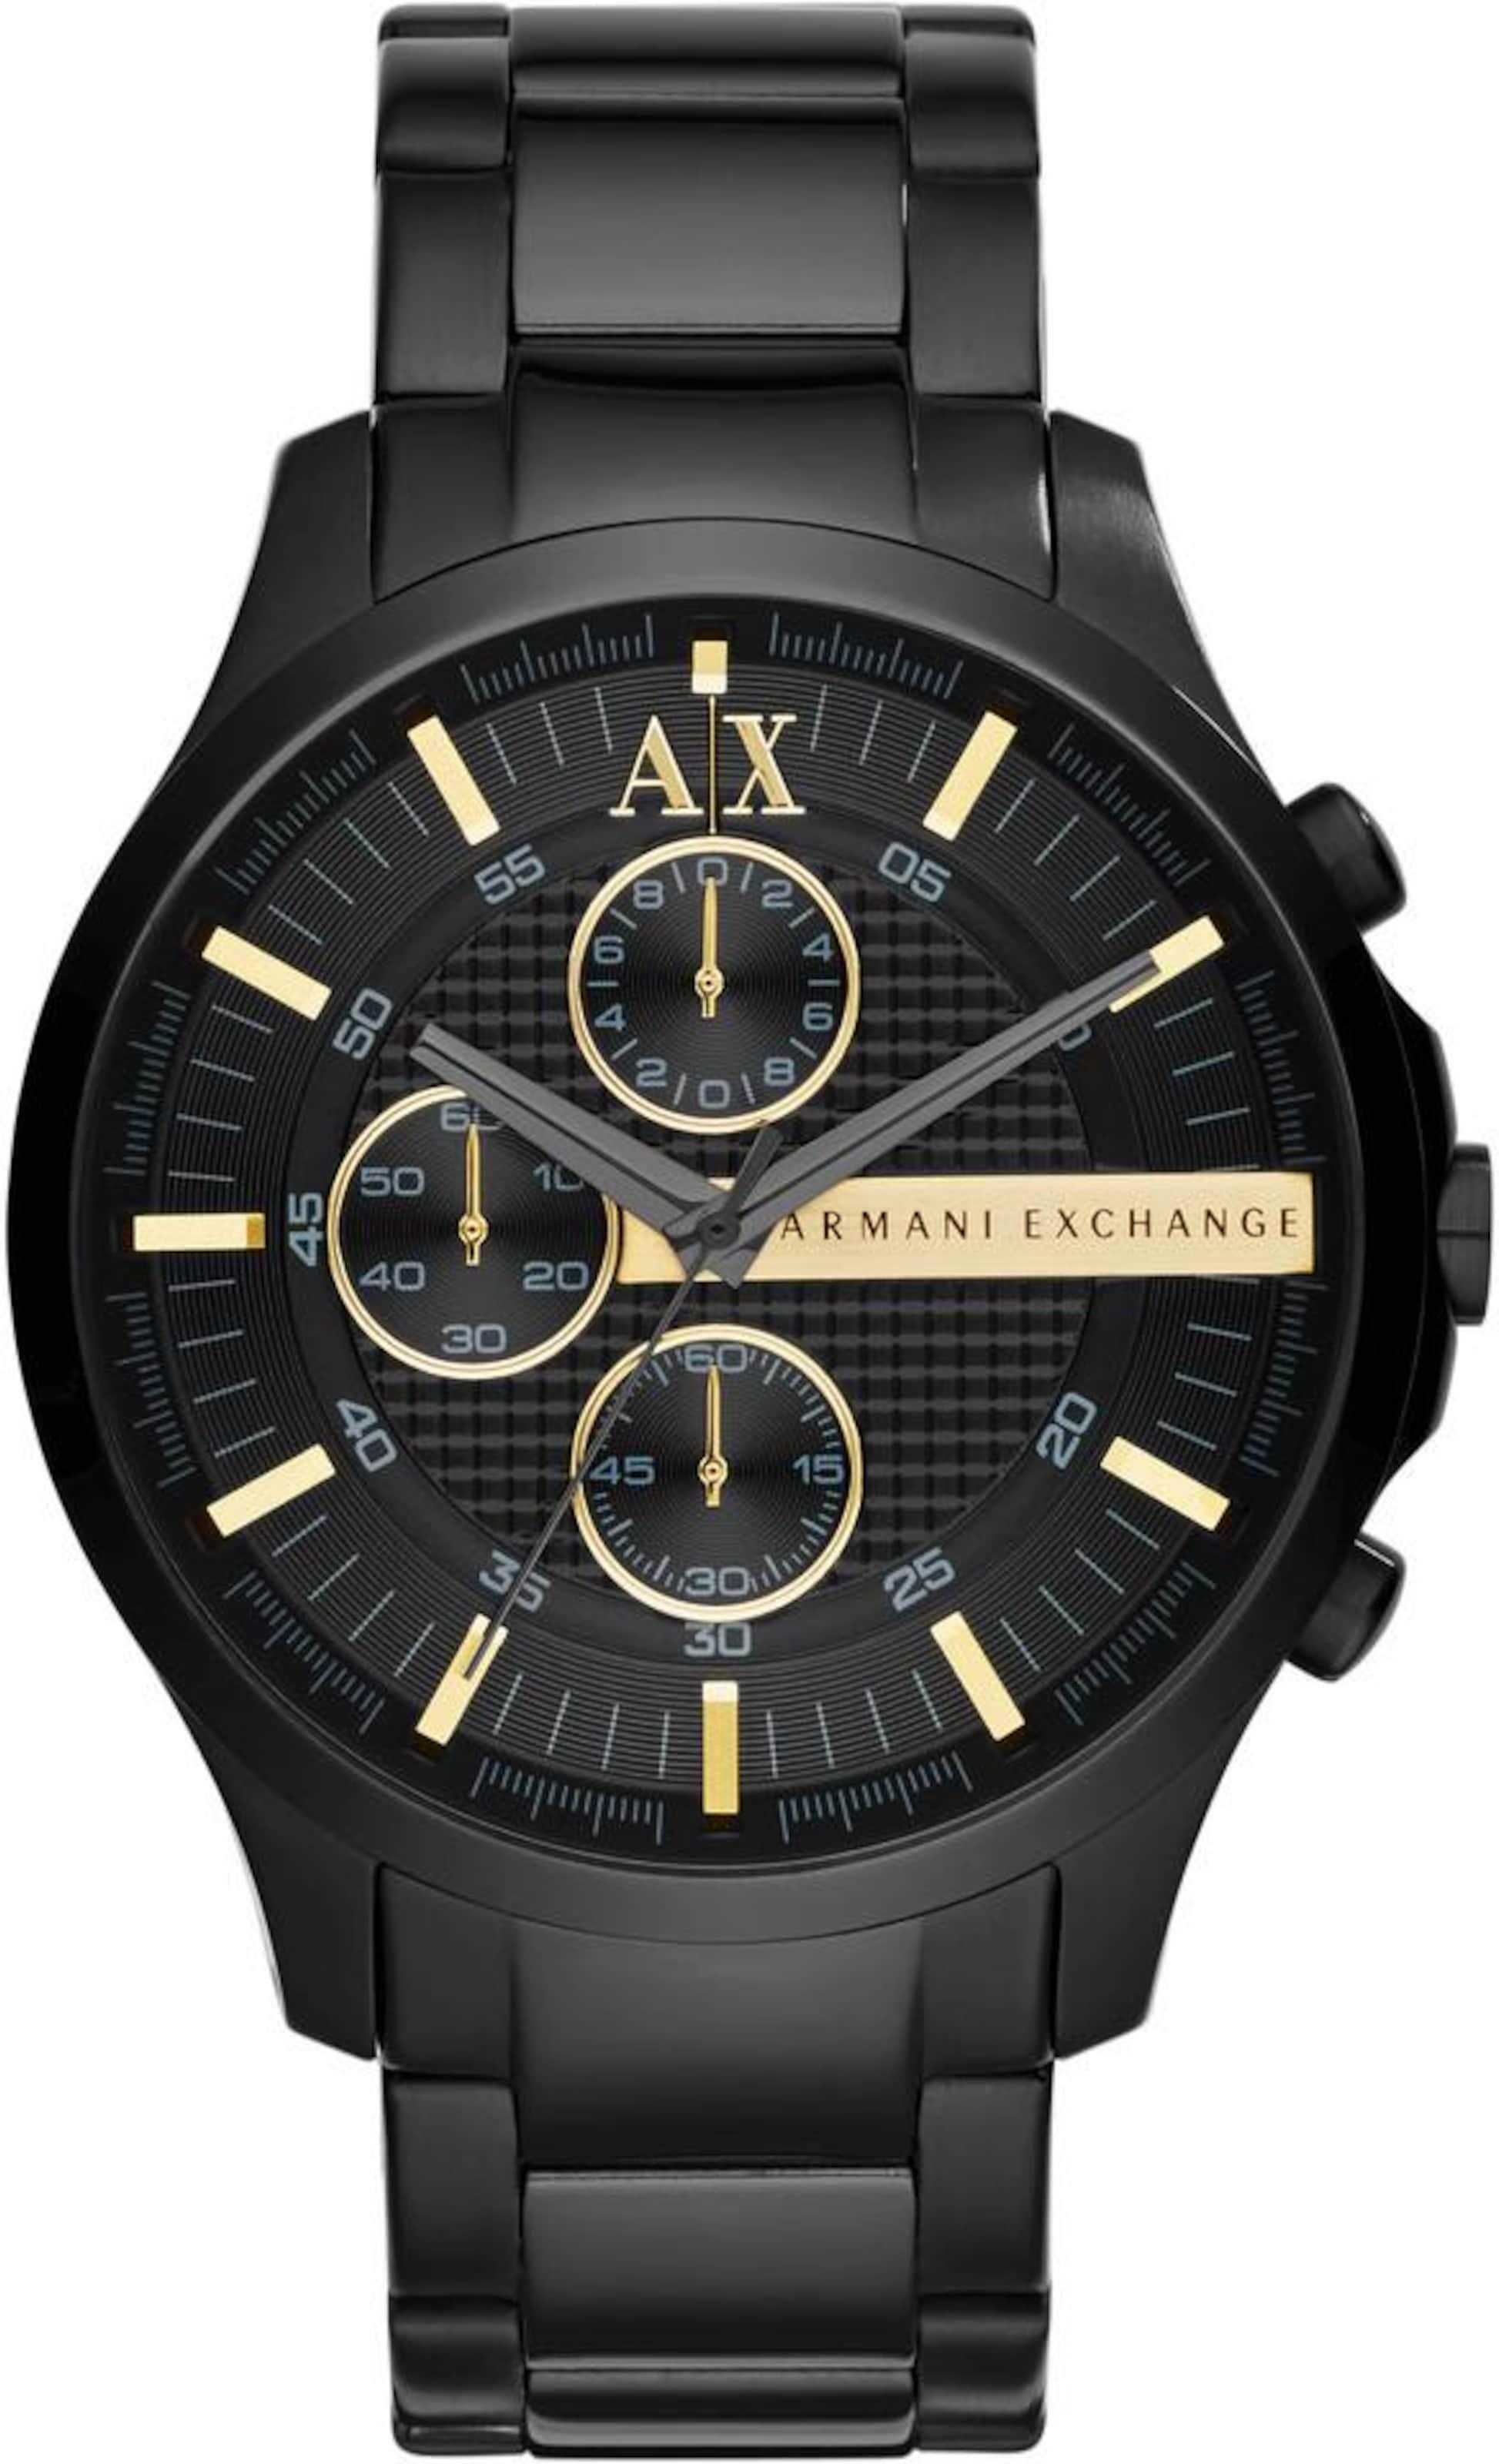 Begrenzt Neue Erkunden Verkauf Online ARMANI EXCHANGE Chronograph 'AX2164' Wg8m6K6FI